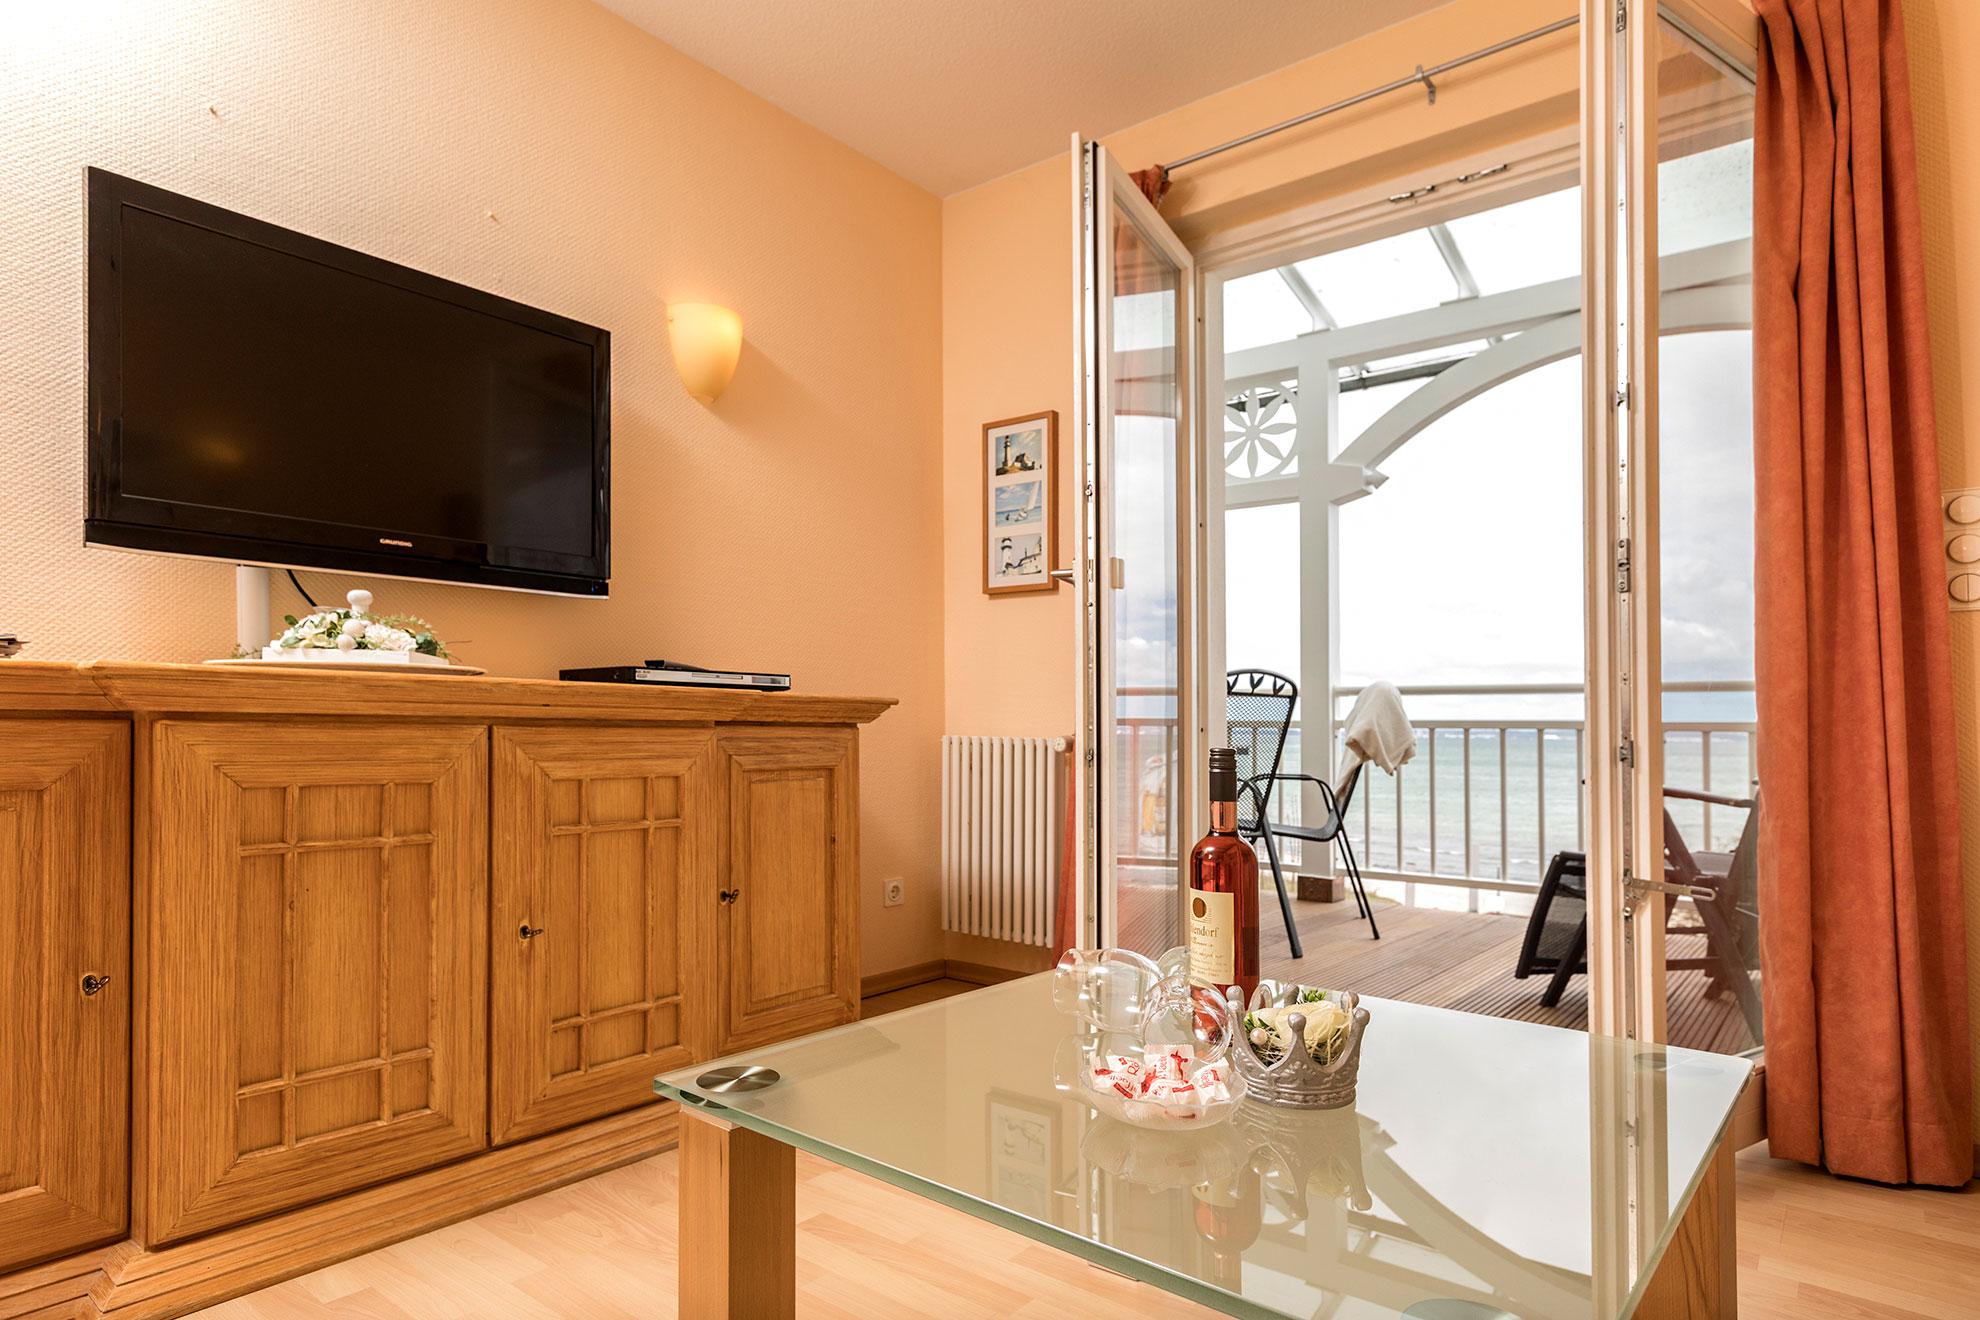 Ferienwohnung in der Villa Strandperle Binz - Appartement 15